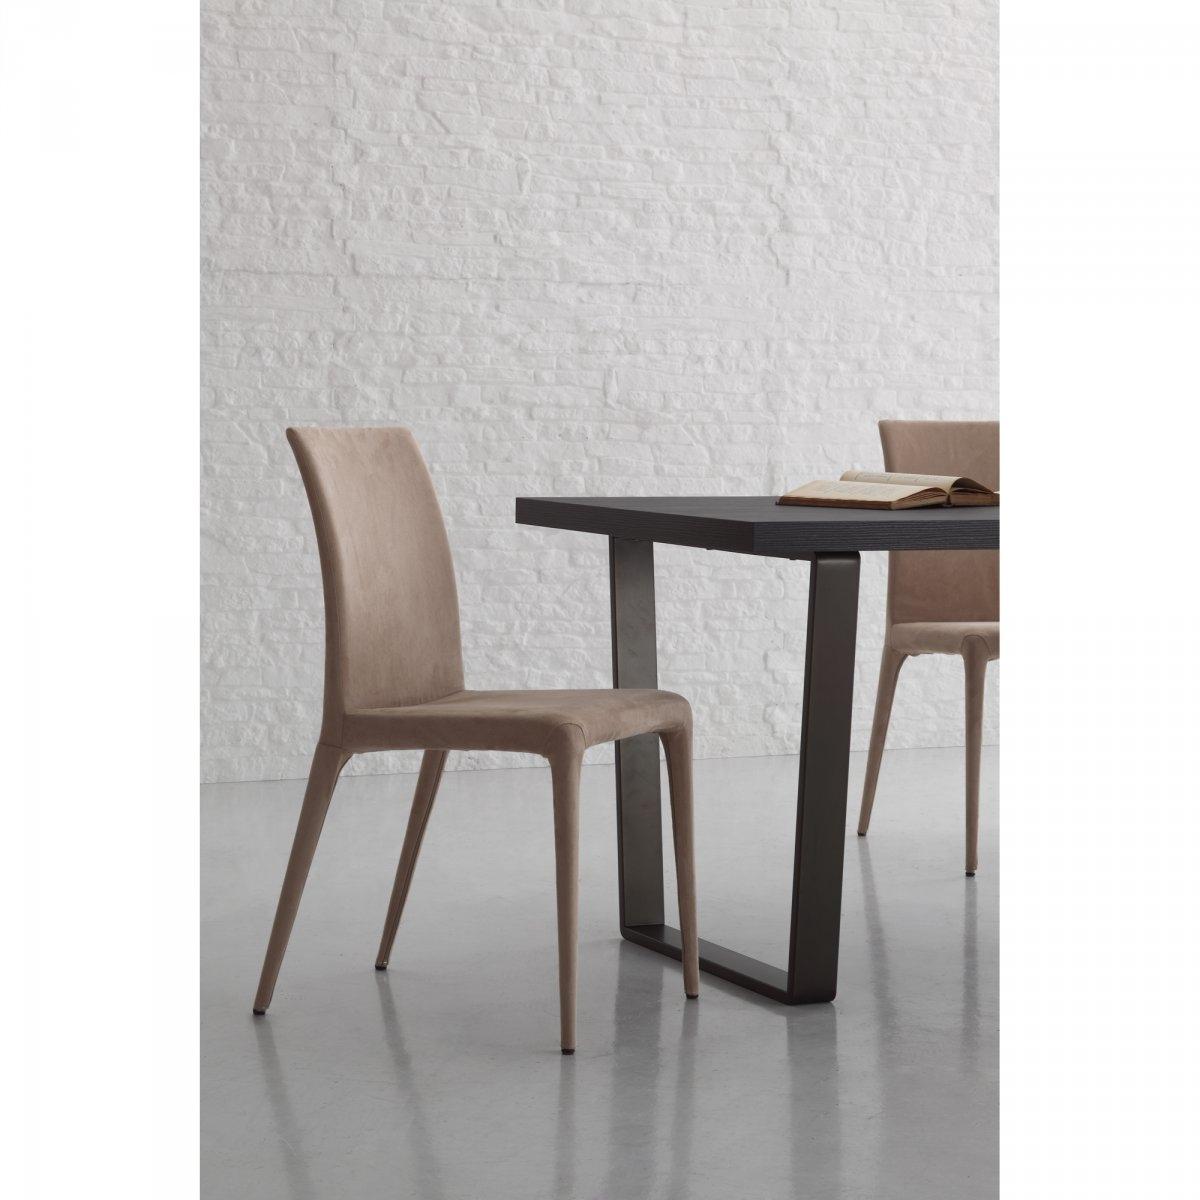 Sedia santa lucia modello nuvola sedie a prezzi scontati - Santa lucia mobili prezzi ...